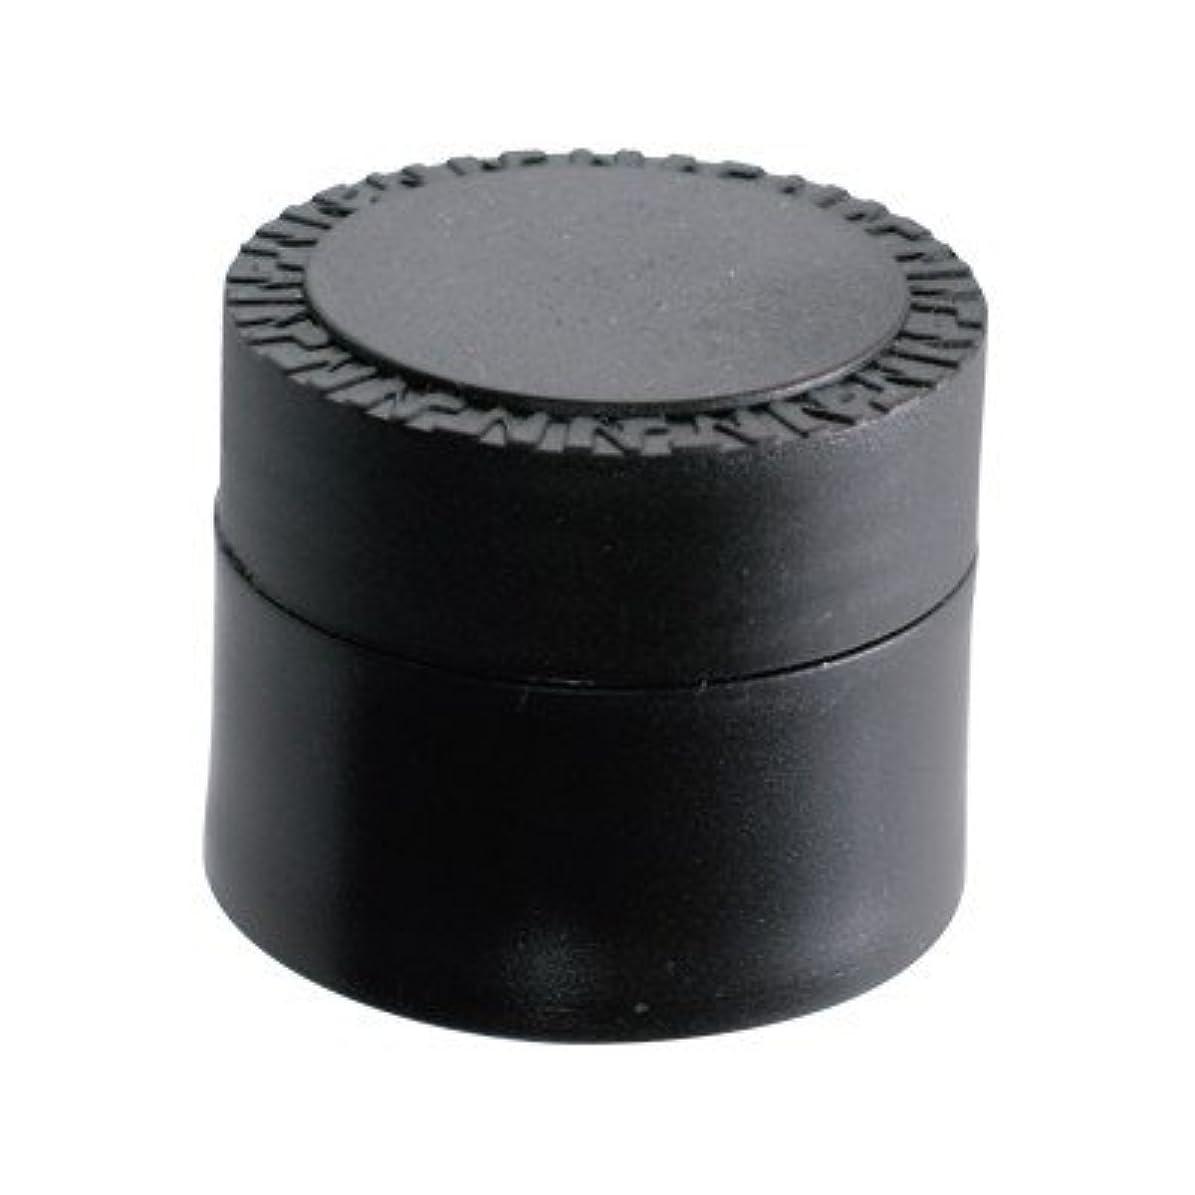 一般的に誠実ブースNFS メルティージェル 空容器 黒 18g